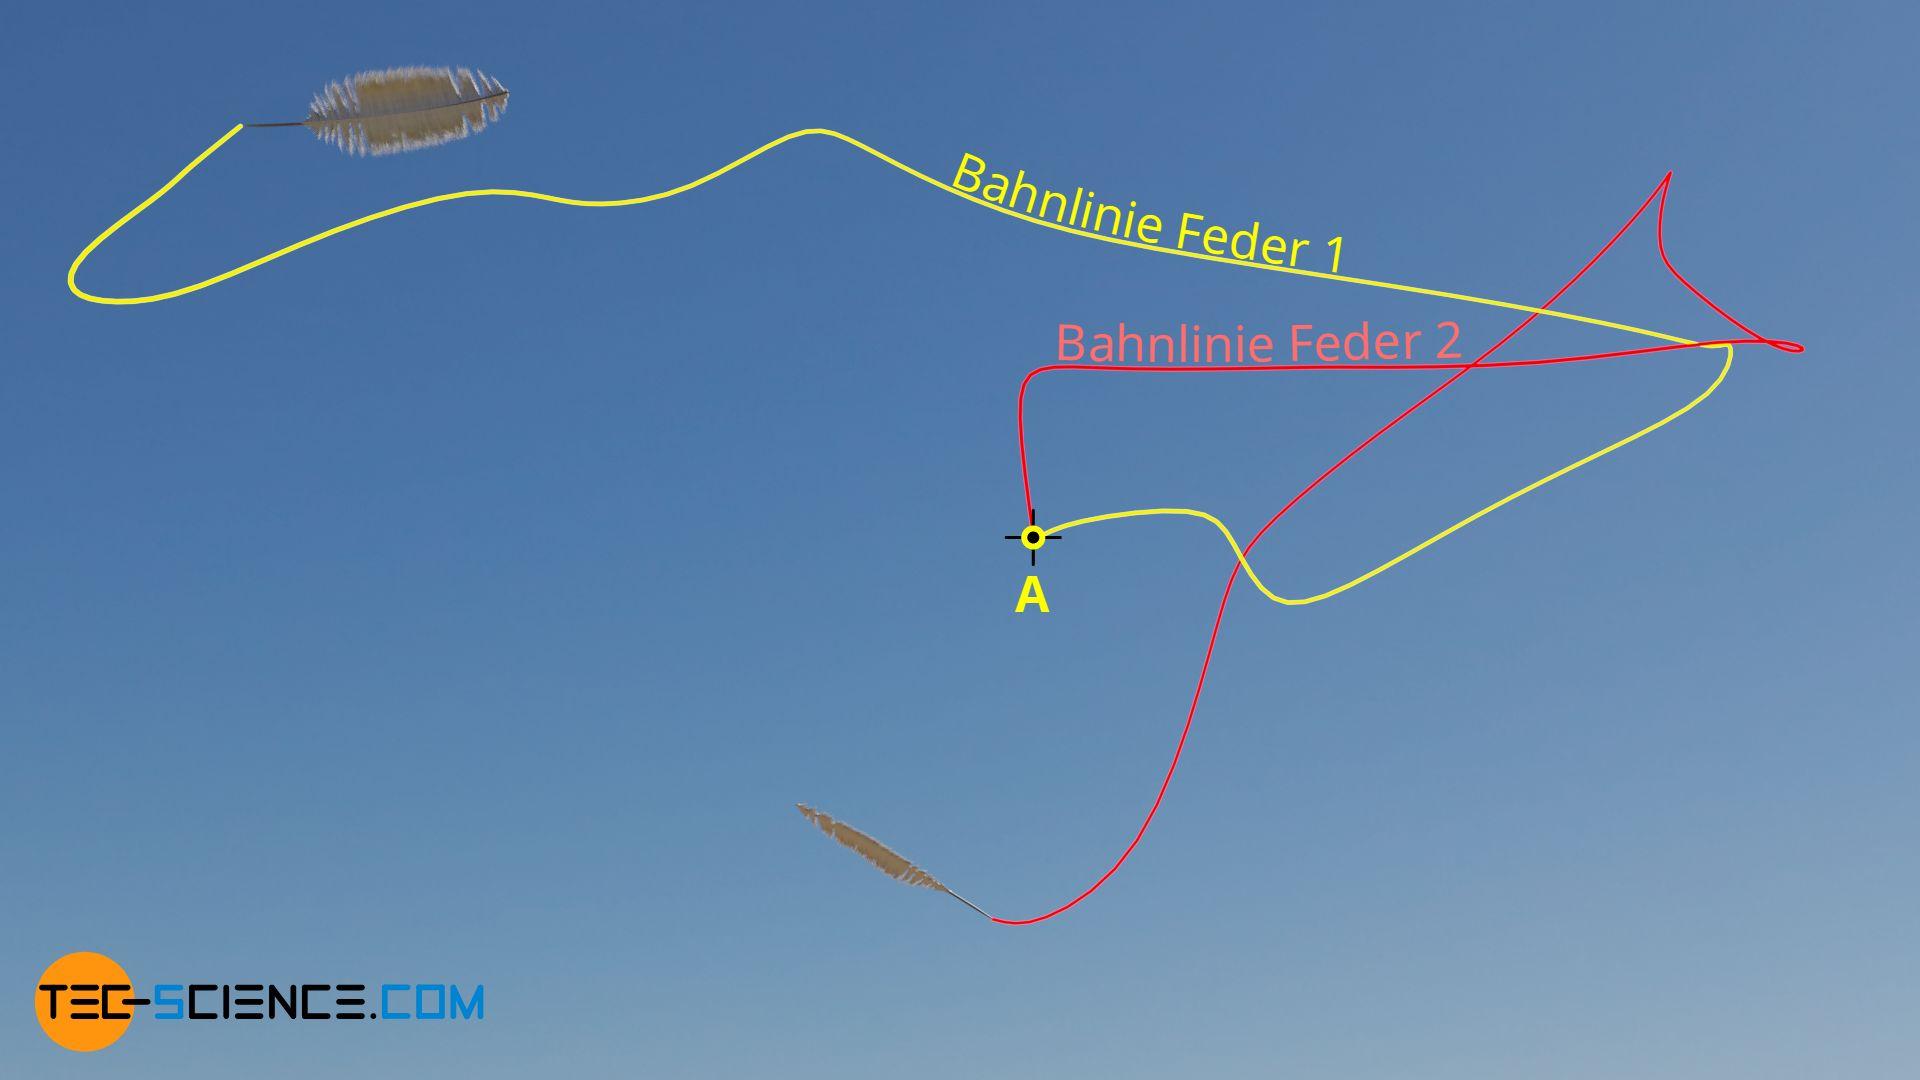 Bahnlinien (Bahnkurven) zweier Federn in einer instationären Luftströmung